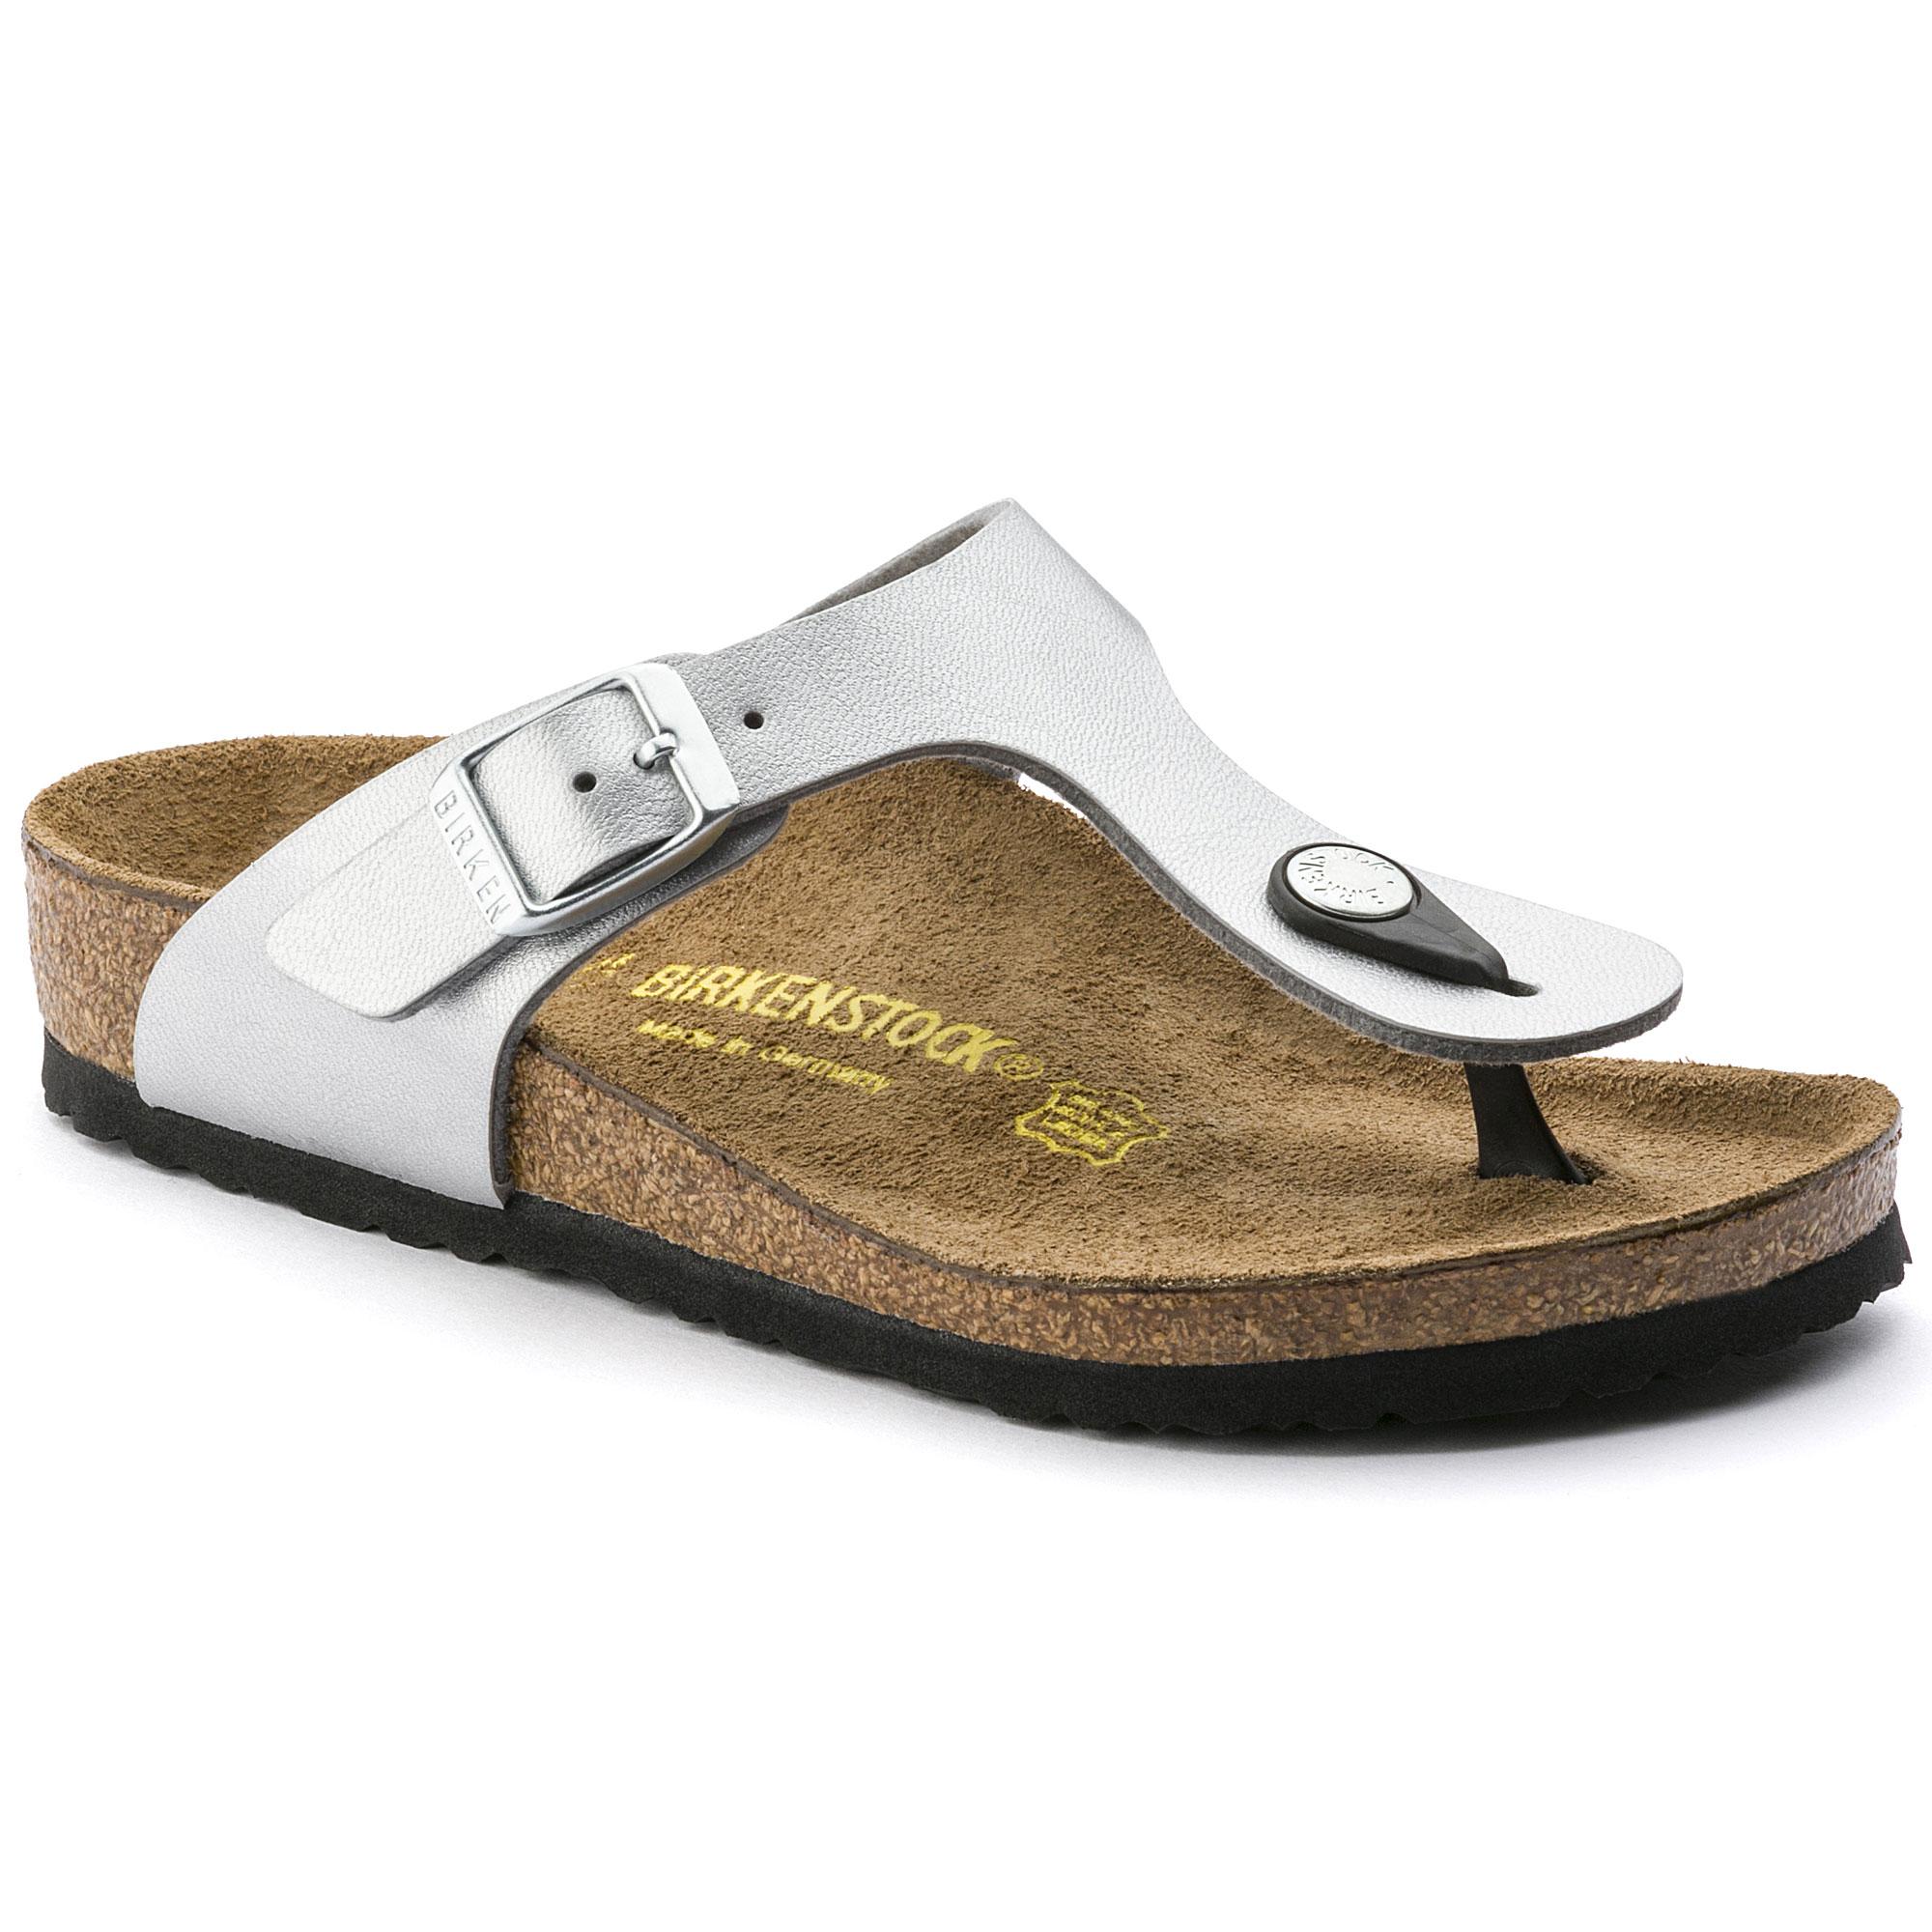 Birkenstock Gizeh NL WB (silver) | 43einhalb Sneaker Store